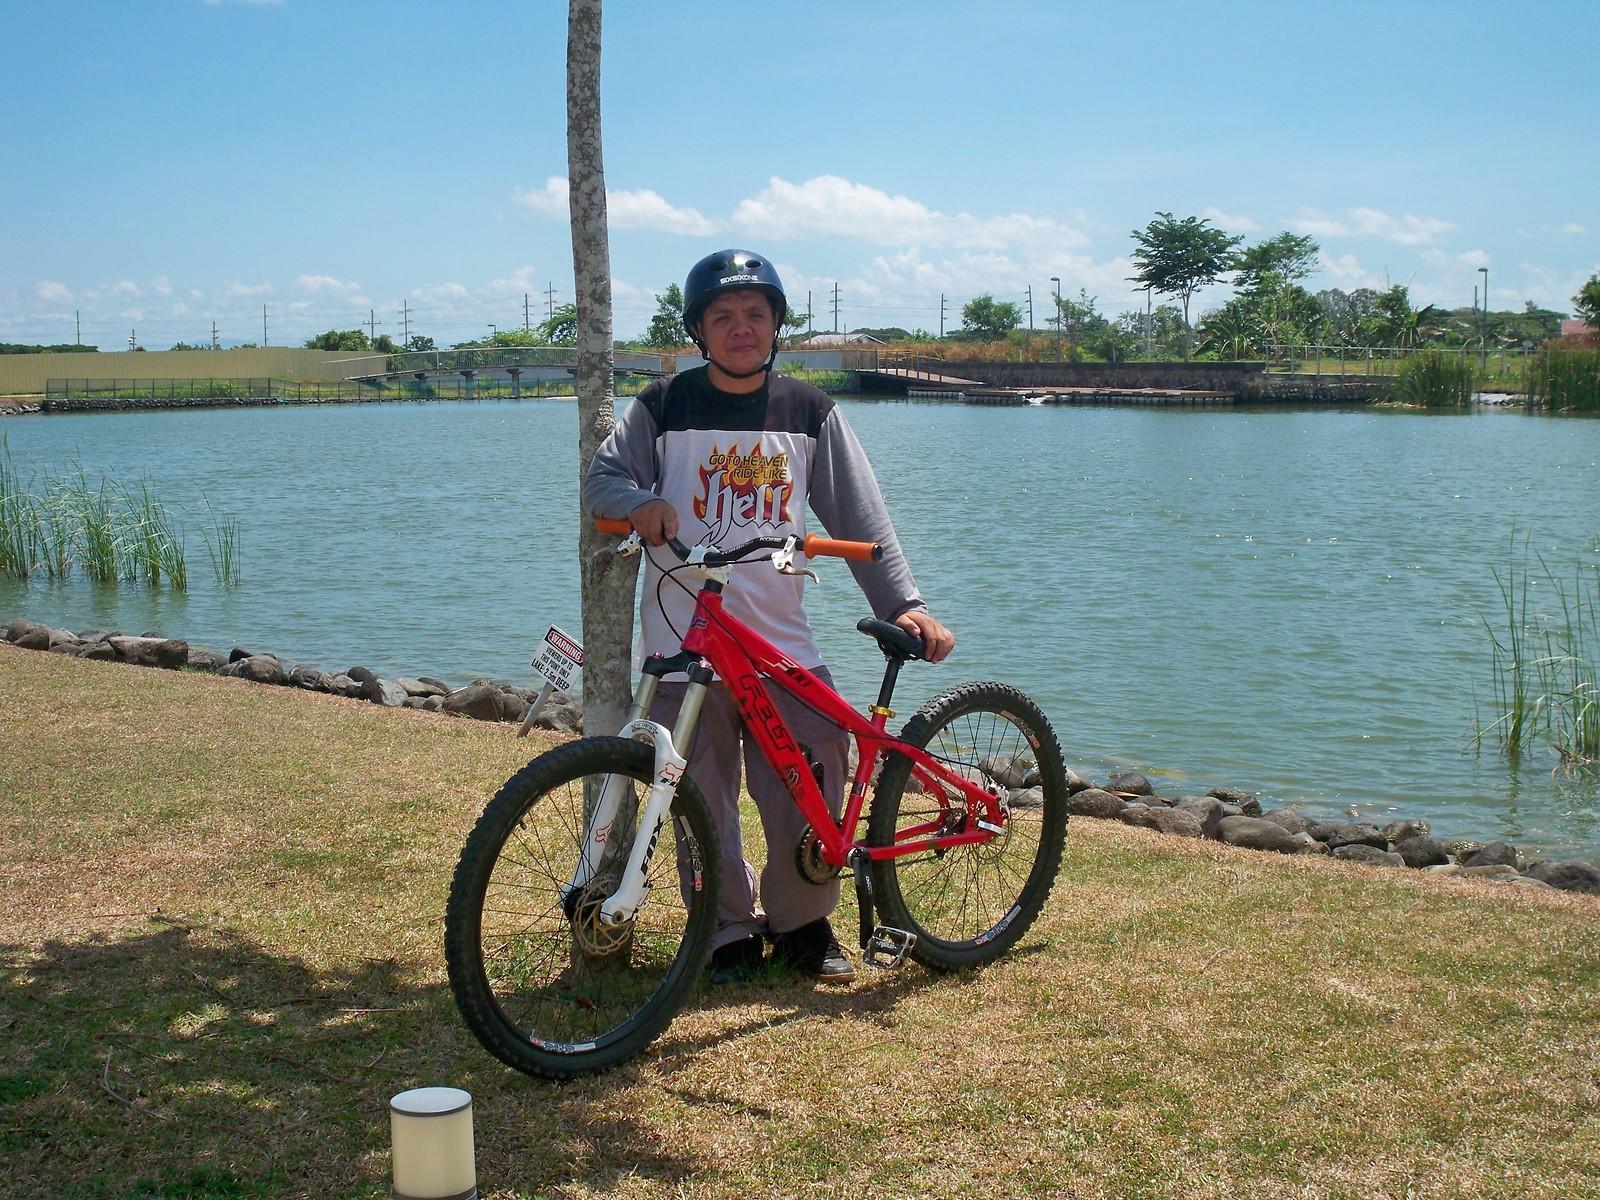 pictures 024 - eduardo.baet - Mountain Biking Pictures - Vital MTB